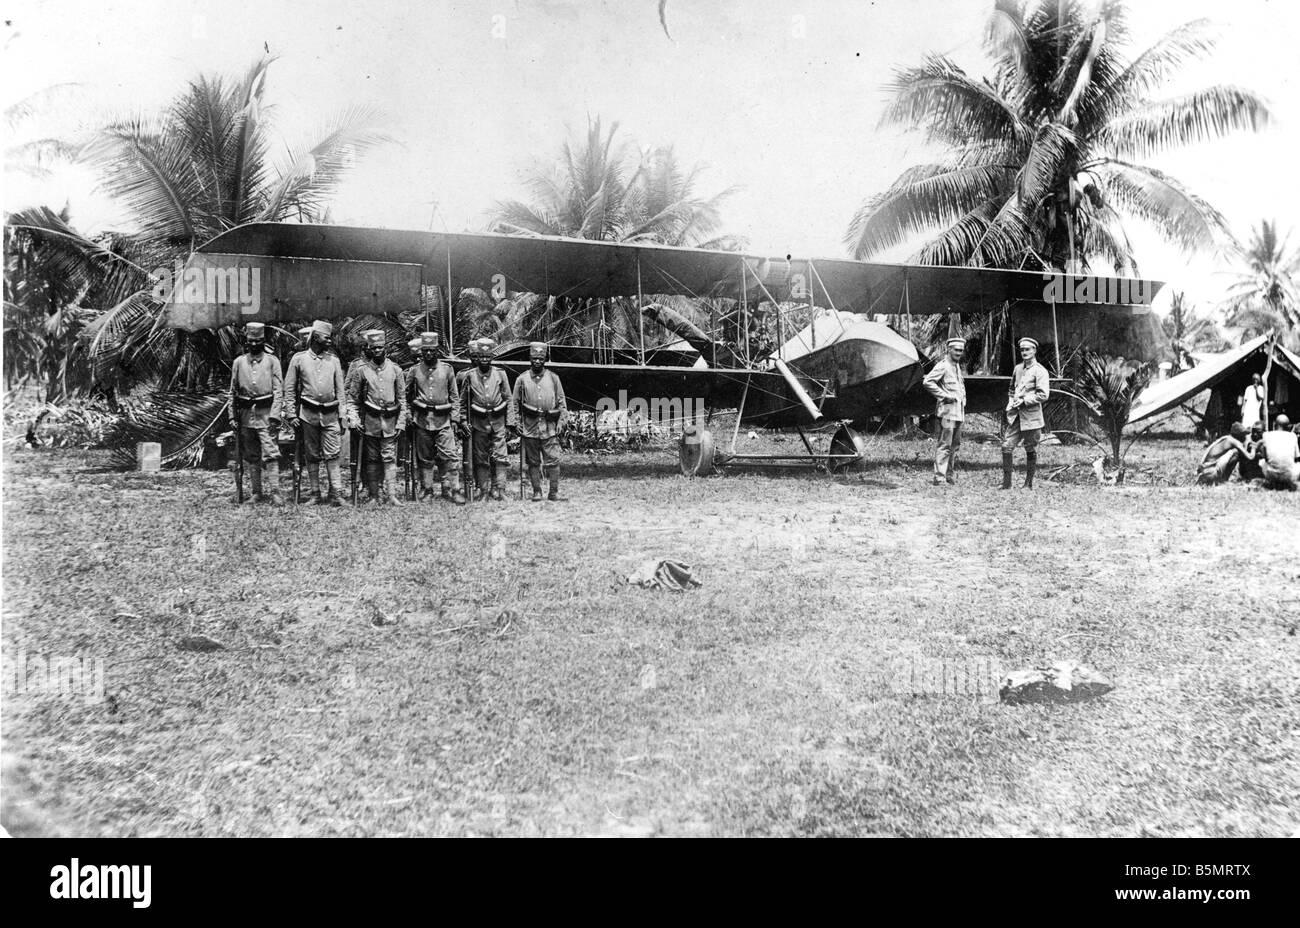 9AF 1914 0 0 A5 1 Askaris por avión Ger África Oriental Guerra Mundial 1 guerra en las colonias de África Oriental Alemana ahora Tanzania aux nativo Foto de stock